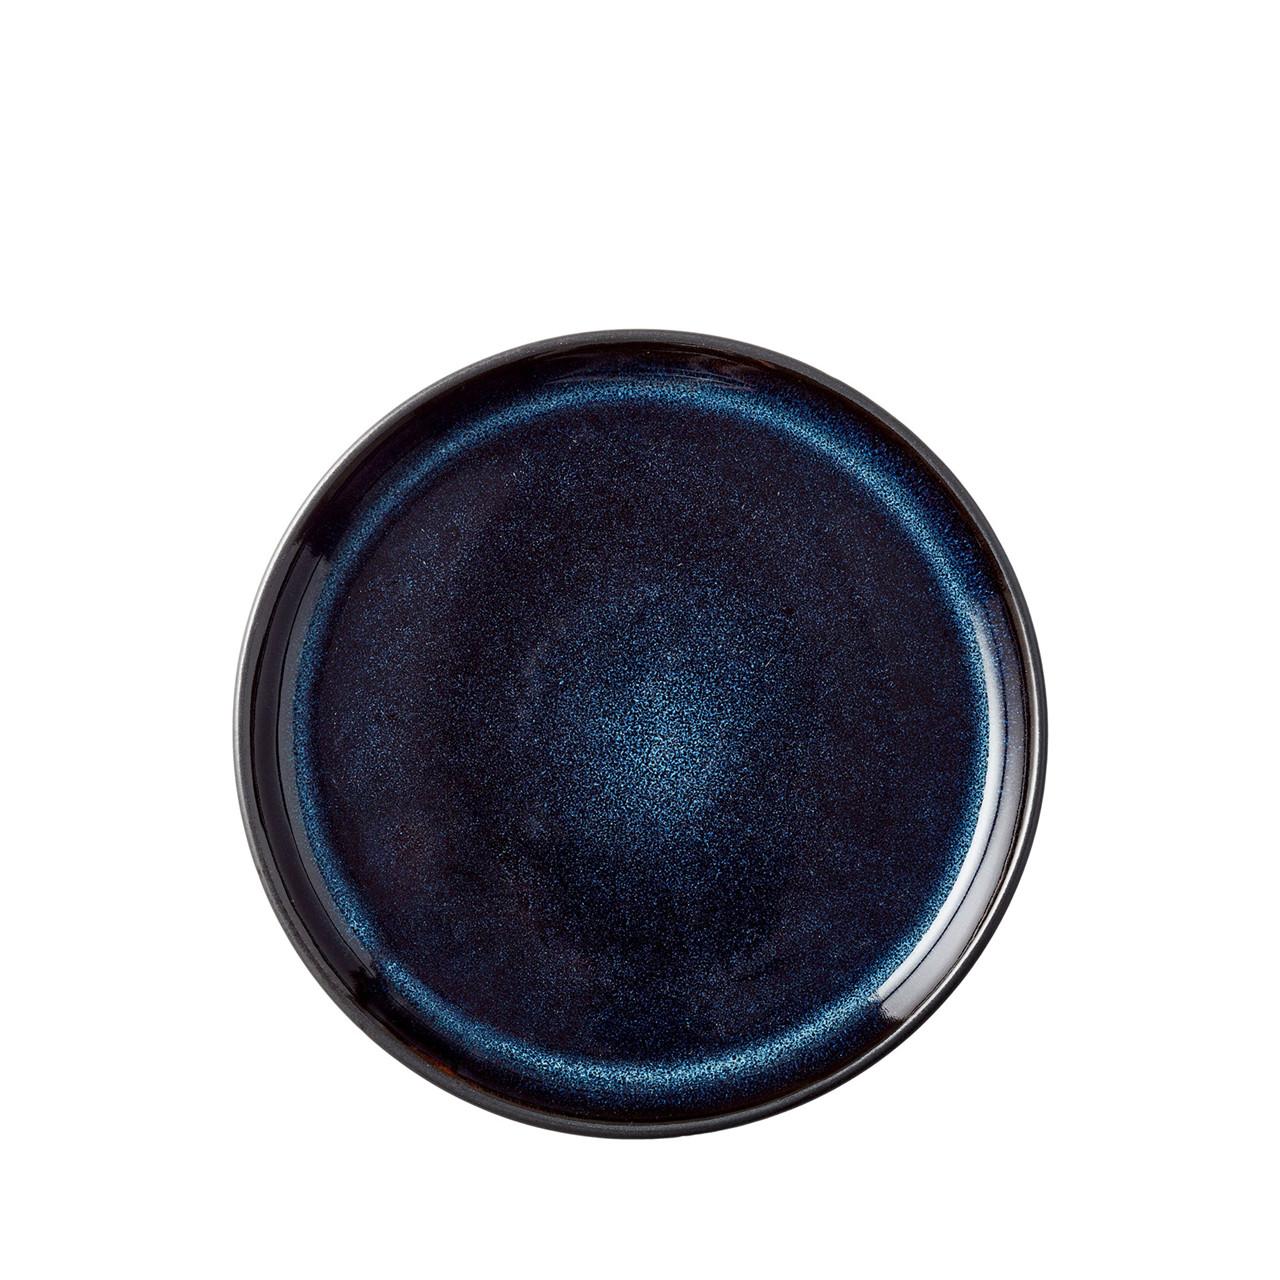 Billede af BITZ Gastro tallerken 17cm sort/mørkeblå